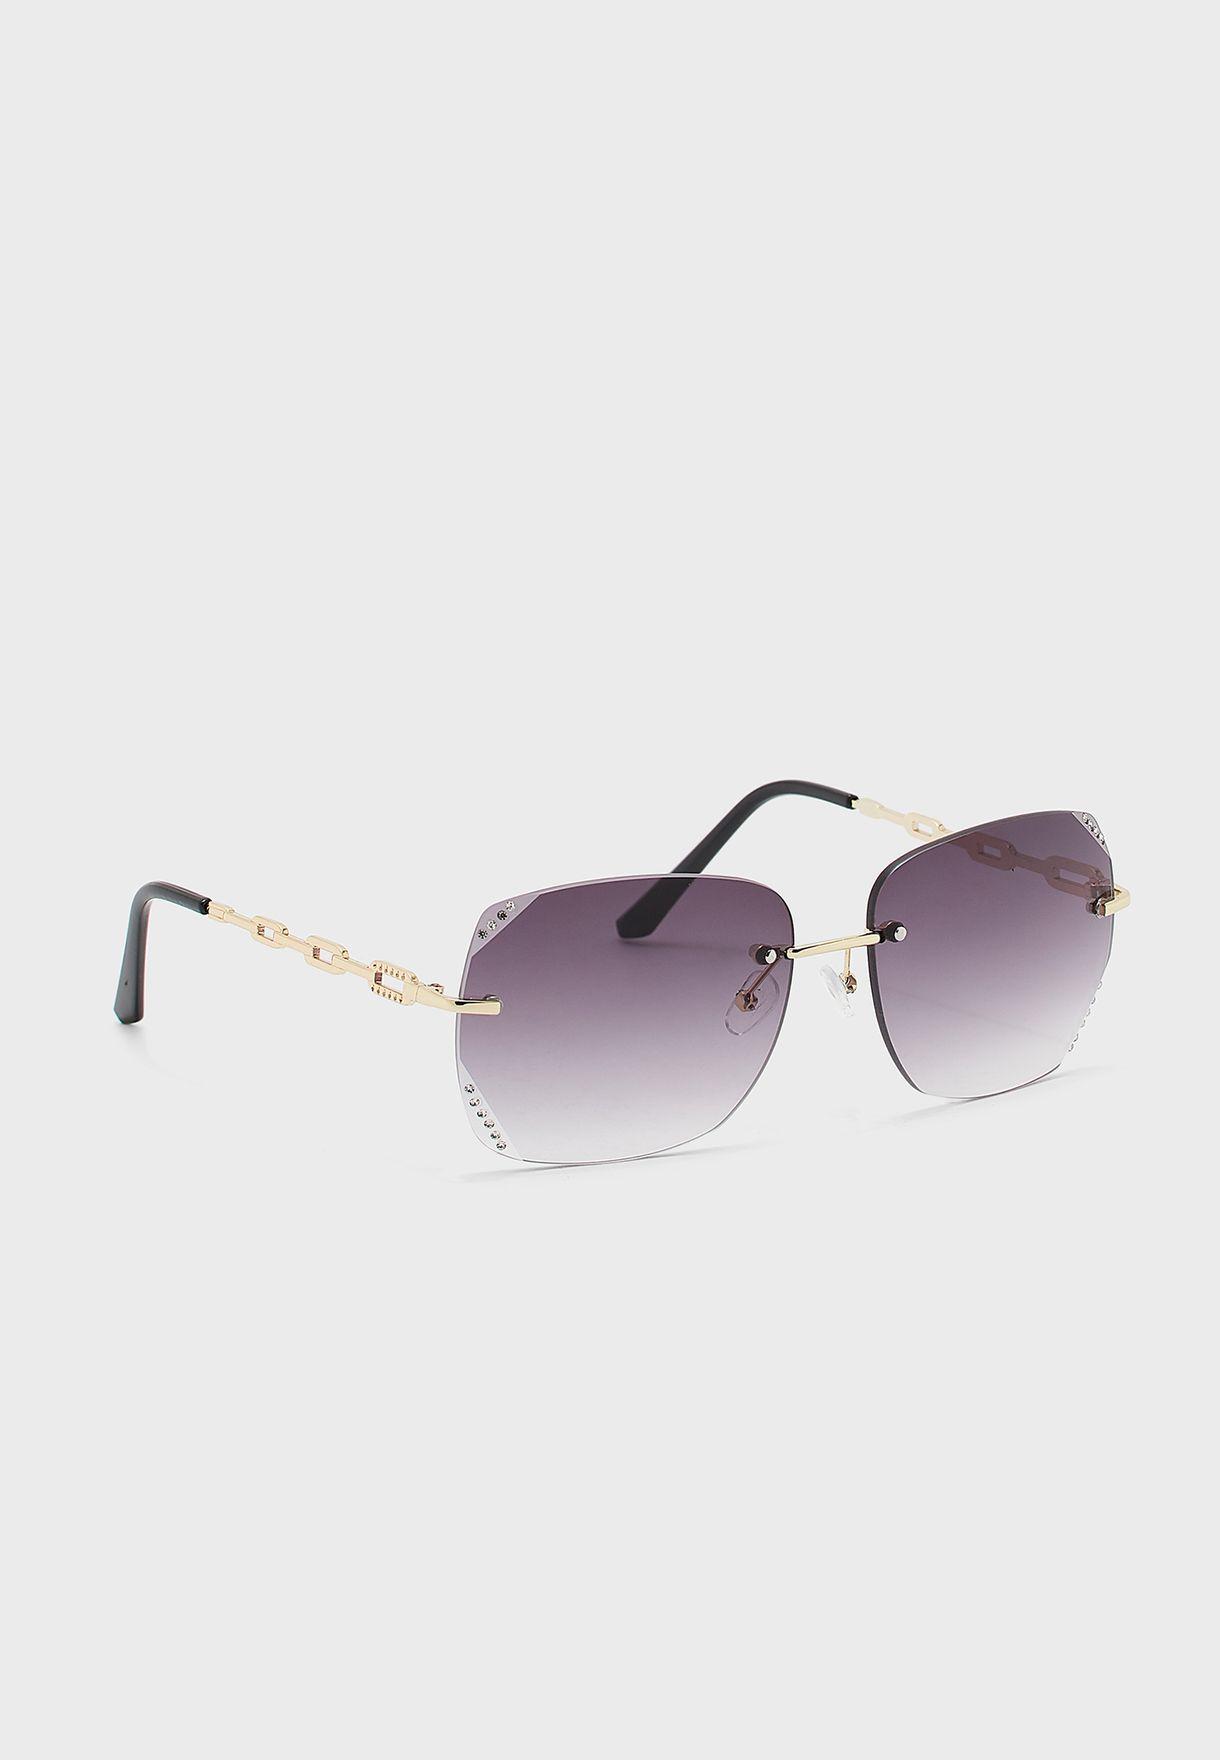 نظارة شمسية كبيرة باحجار الراين